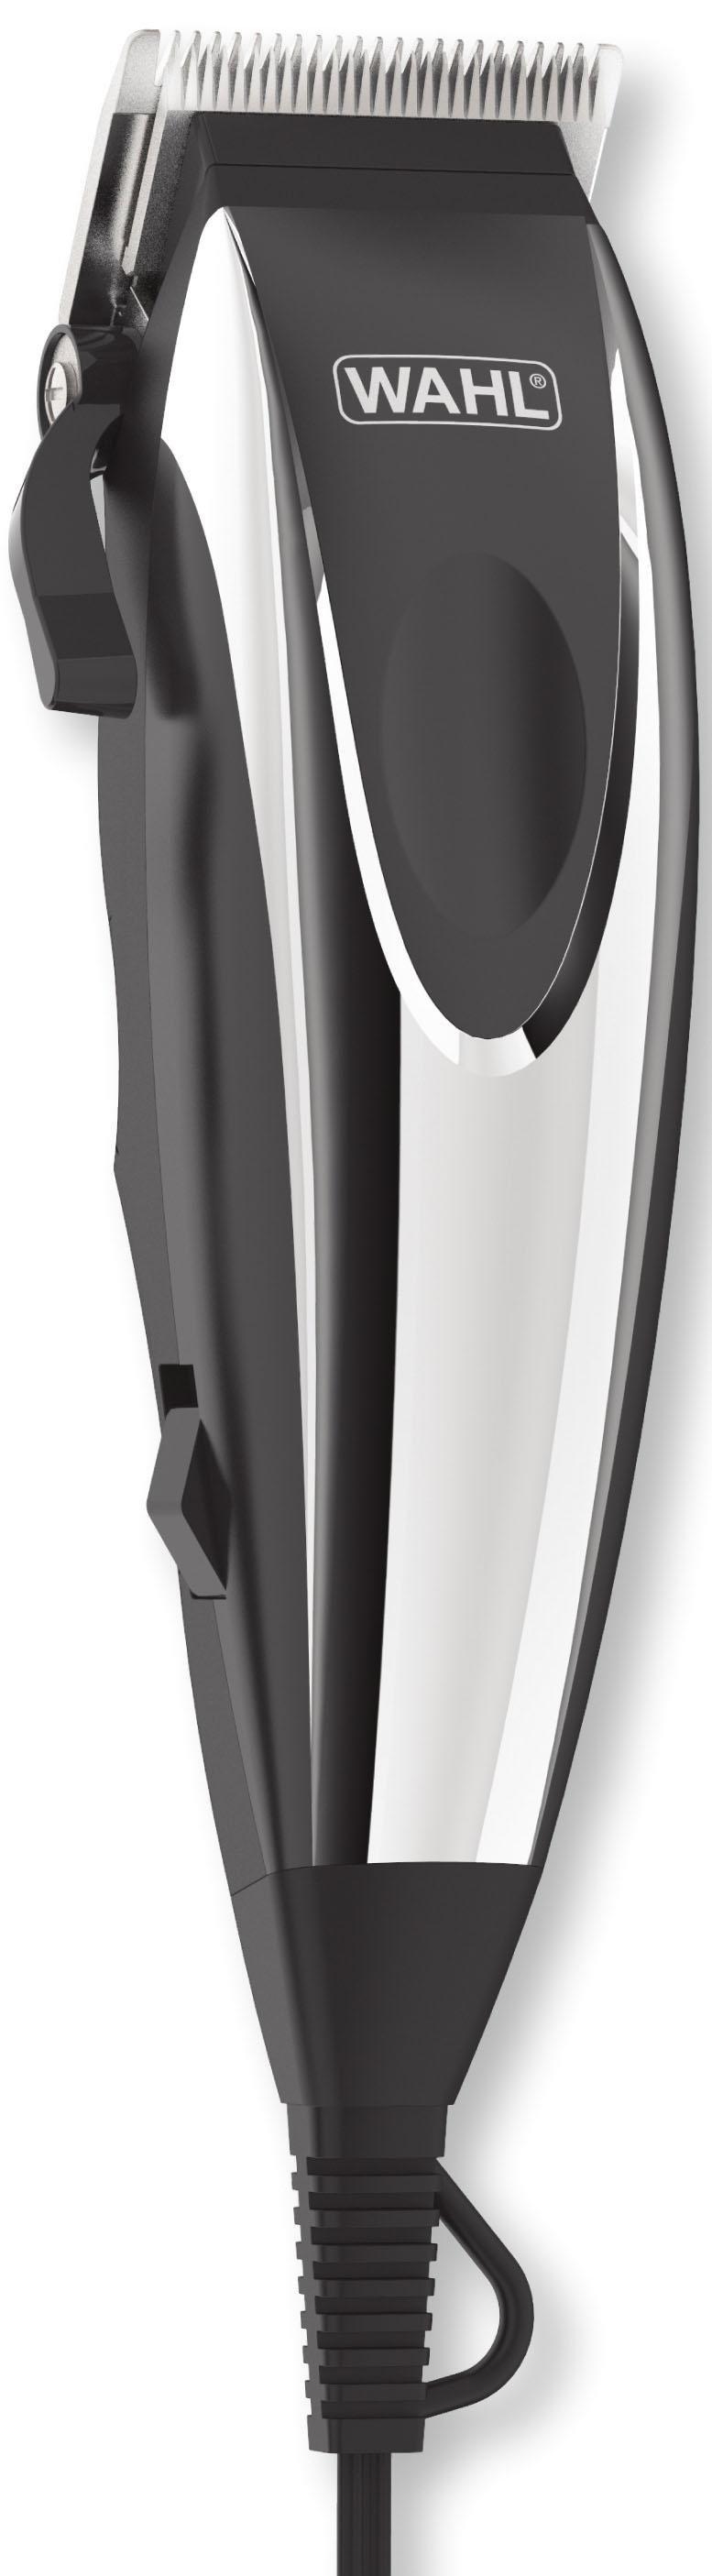 Wahl tondeuse 09243-2616 Home Pro complete kapper kit nu online bestellen